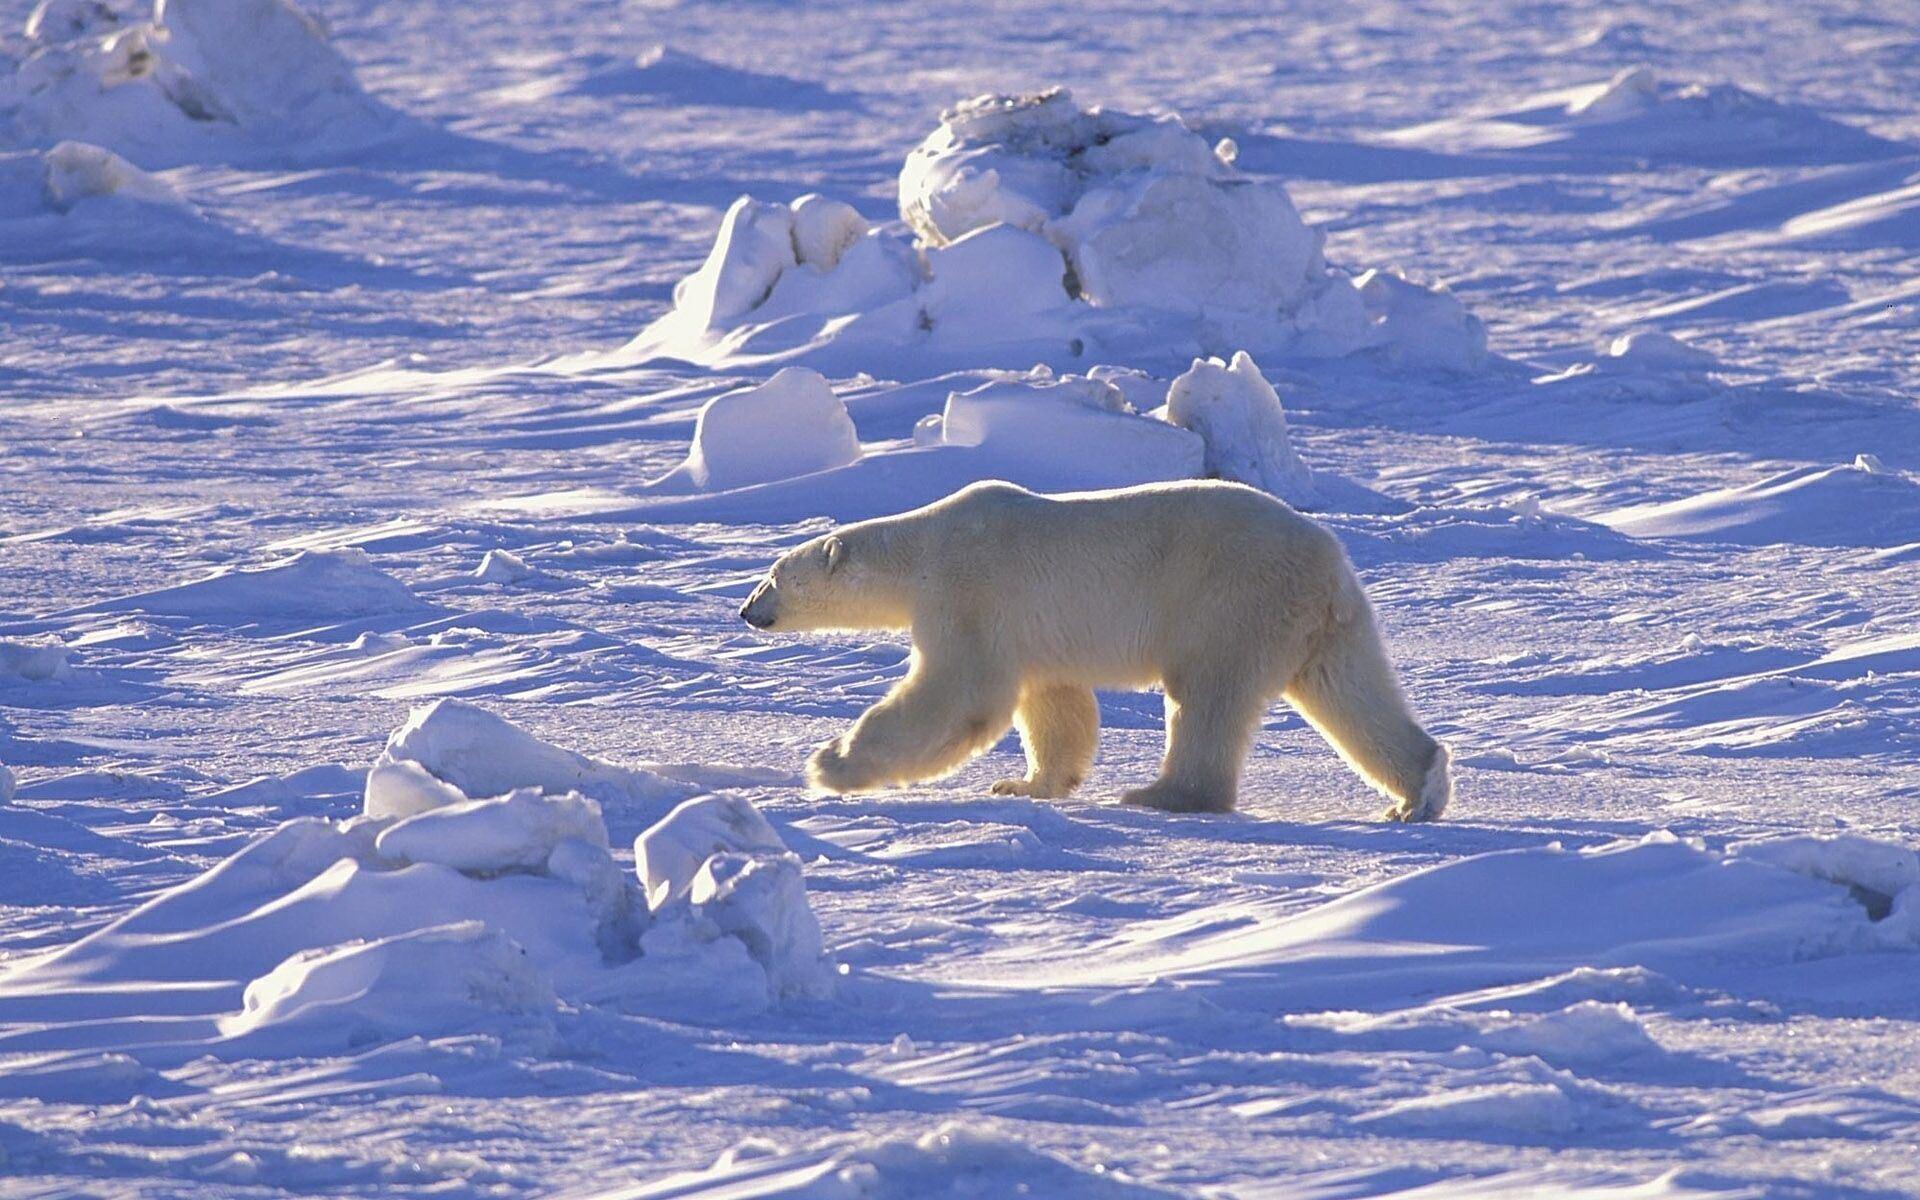 Картинка: Белый медведь, идёт, пустыня, солнечный день, снег, зима